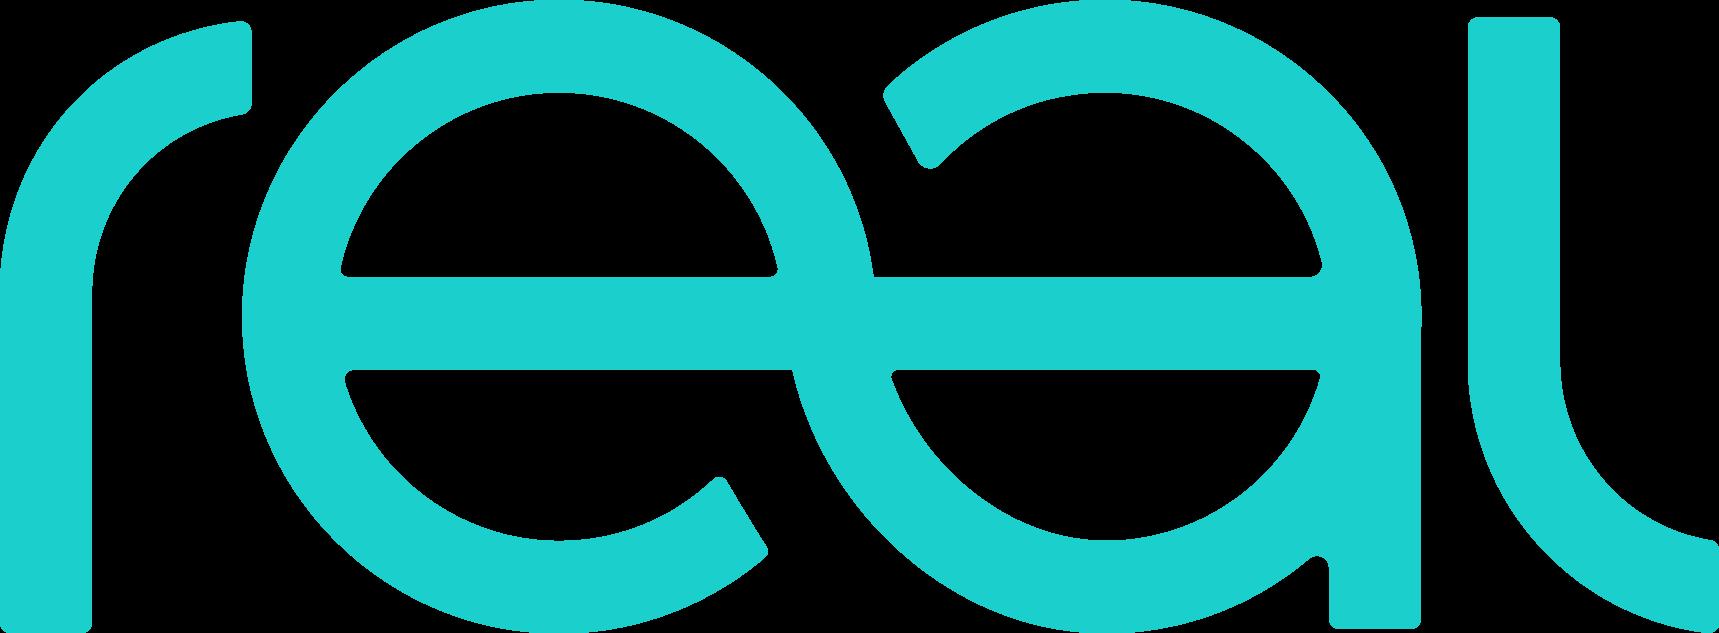 real_logo.png